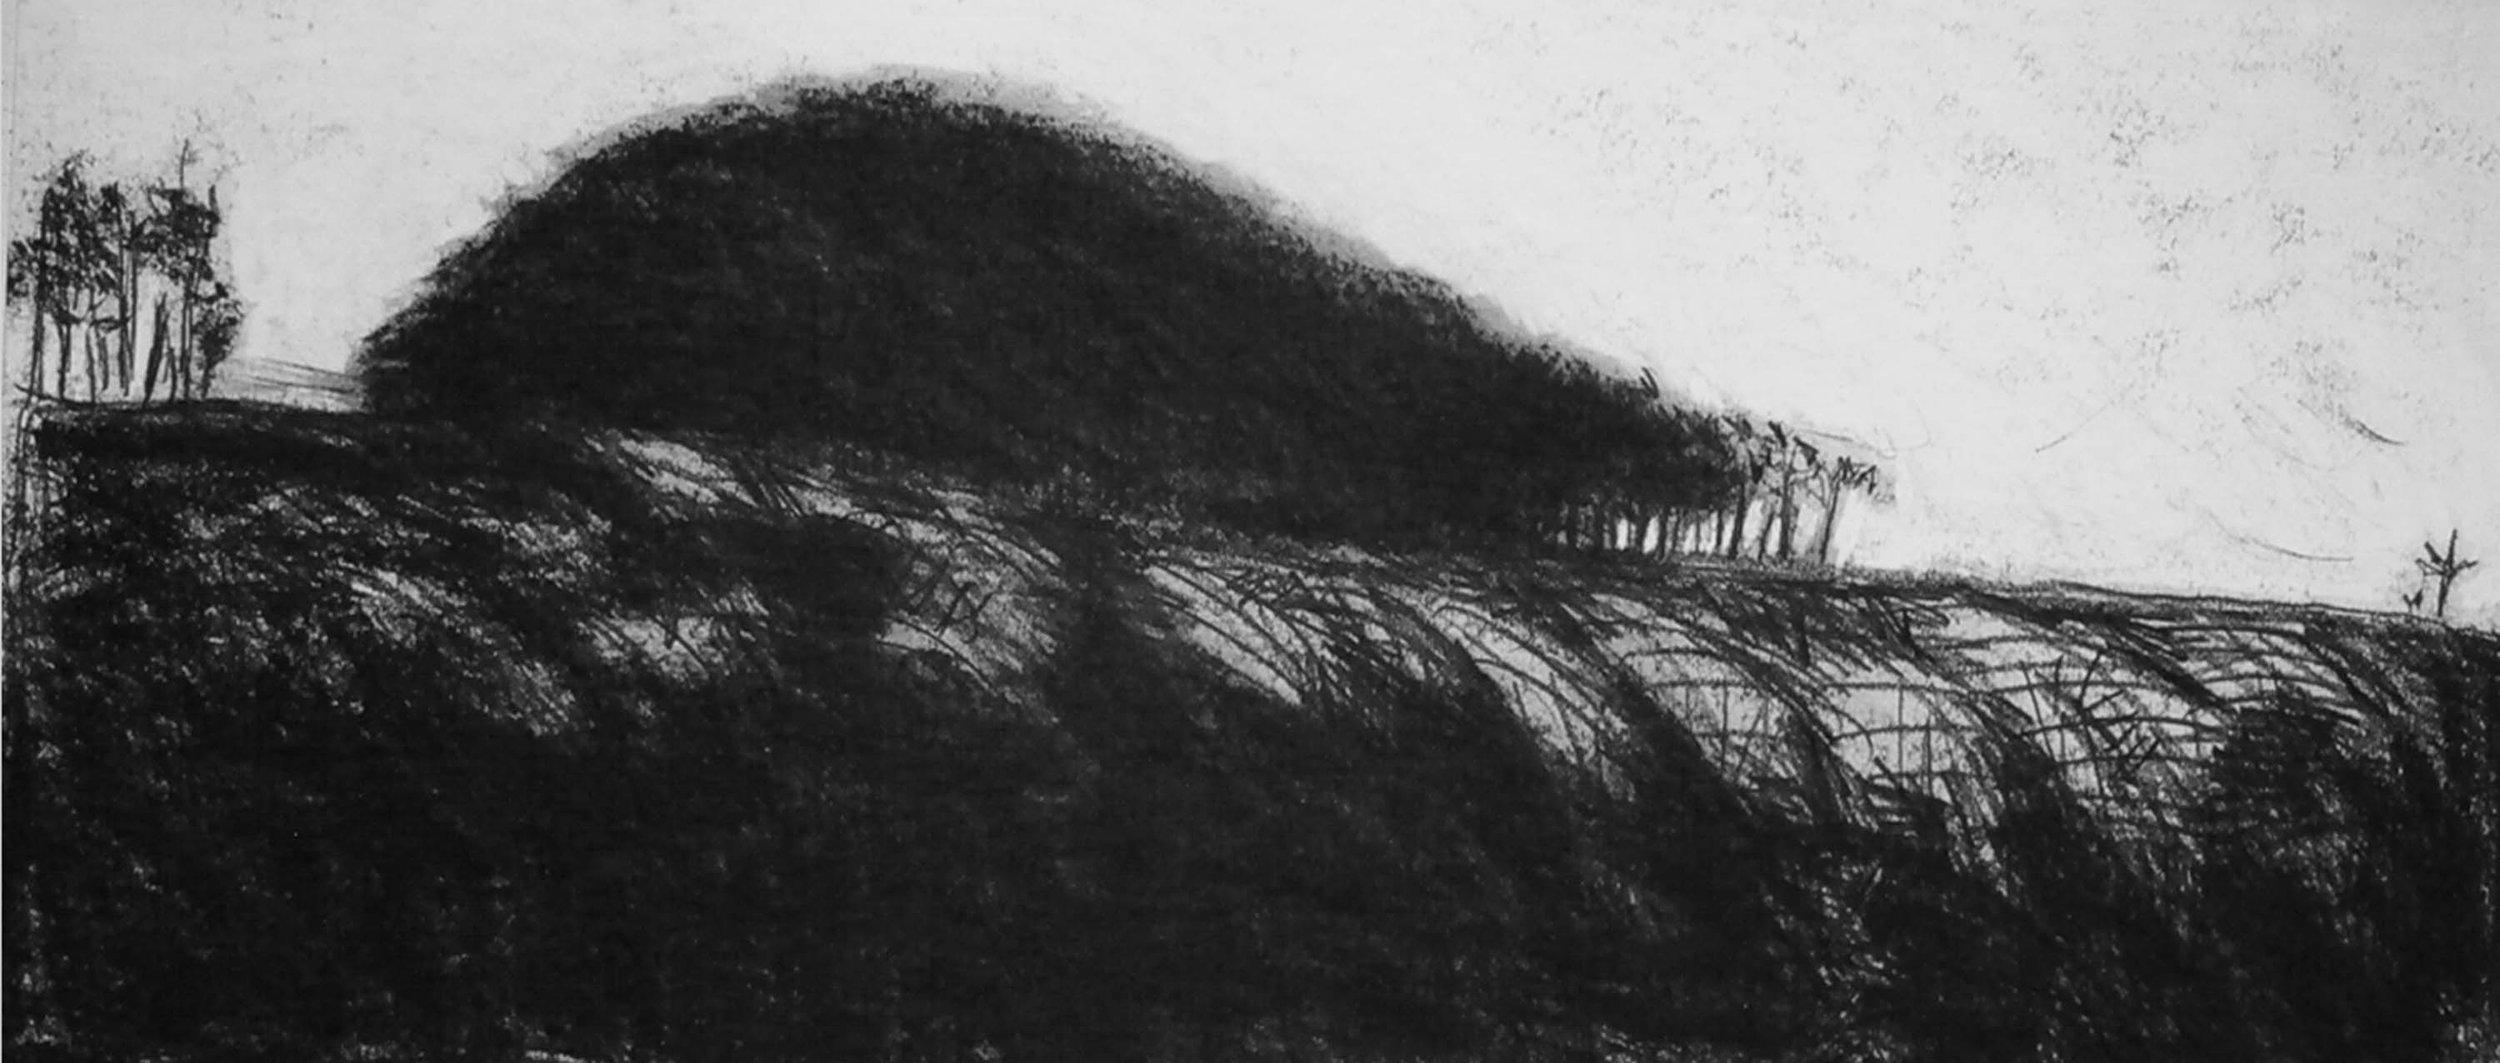 Charcoal Landscape , circa 2008,fusain sur papier / Charcoal on paper